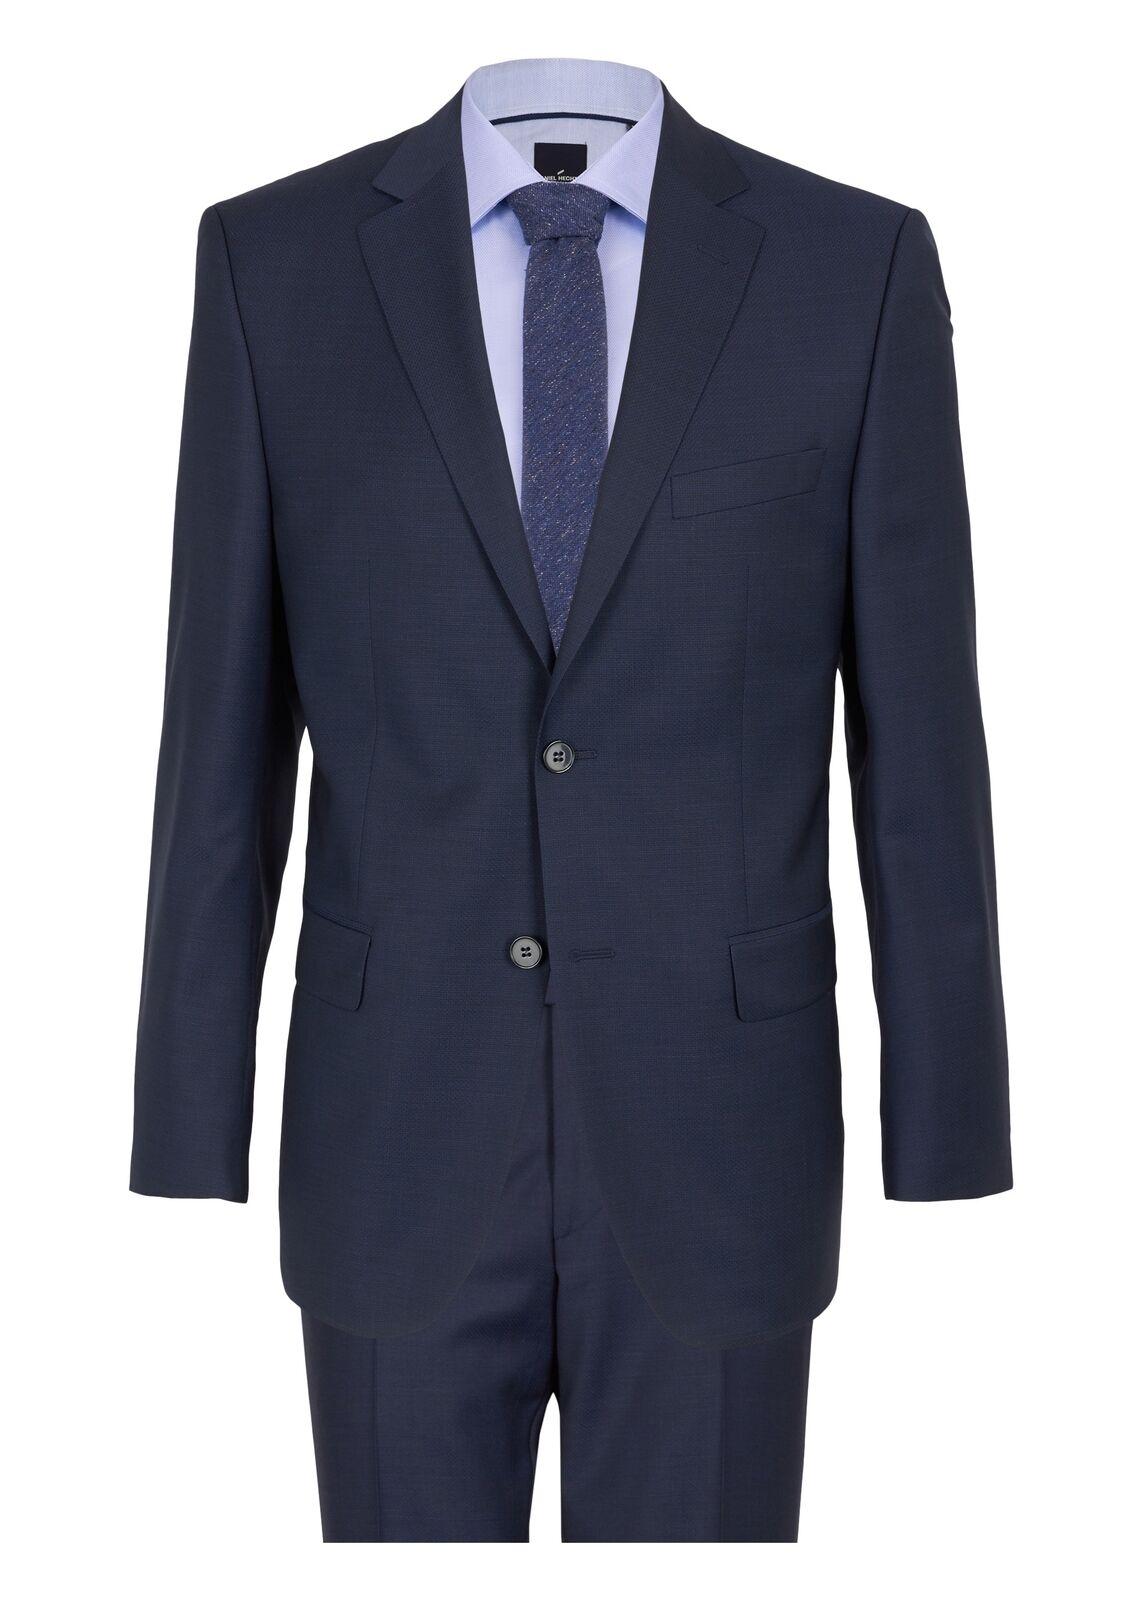 Daniel Hechter - Regular Fit - Baukasten Anzug aus ital. Schurwolle (100101)